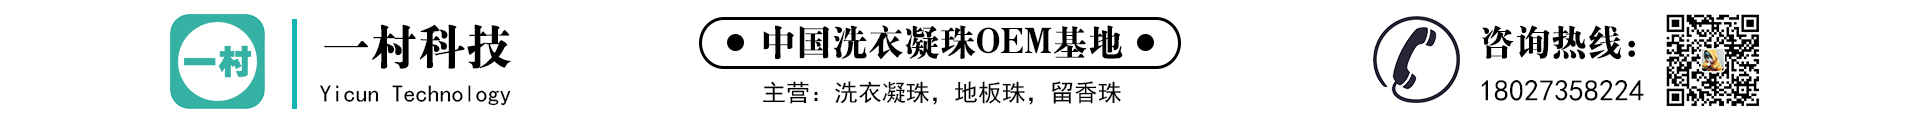 廣州一村科技發展有限公司